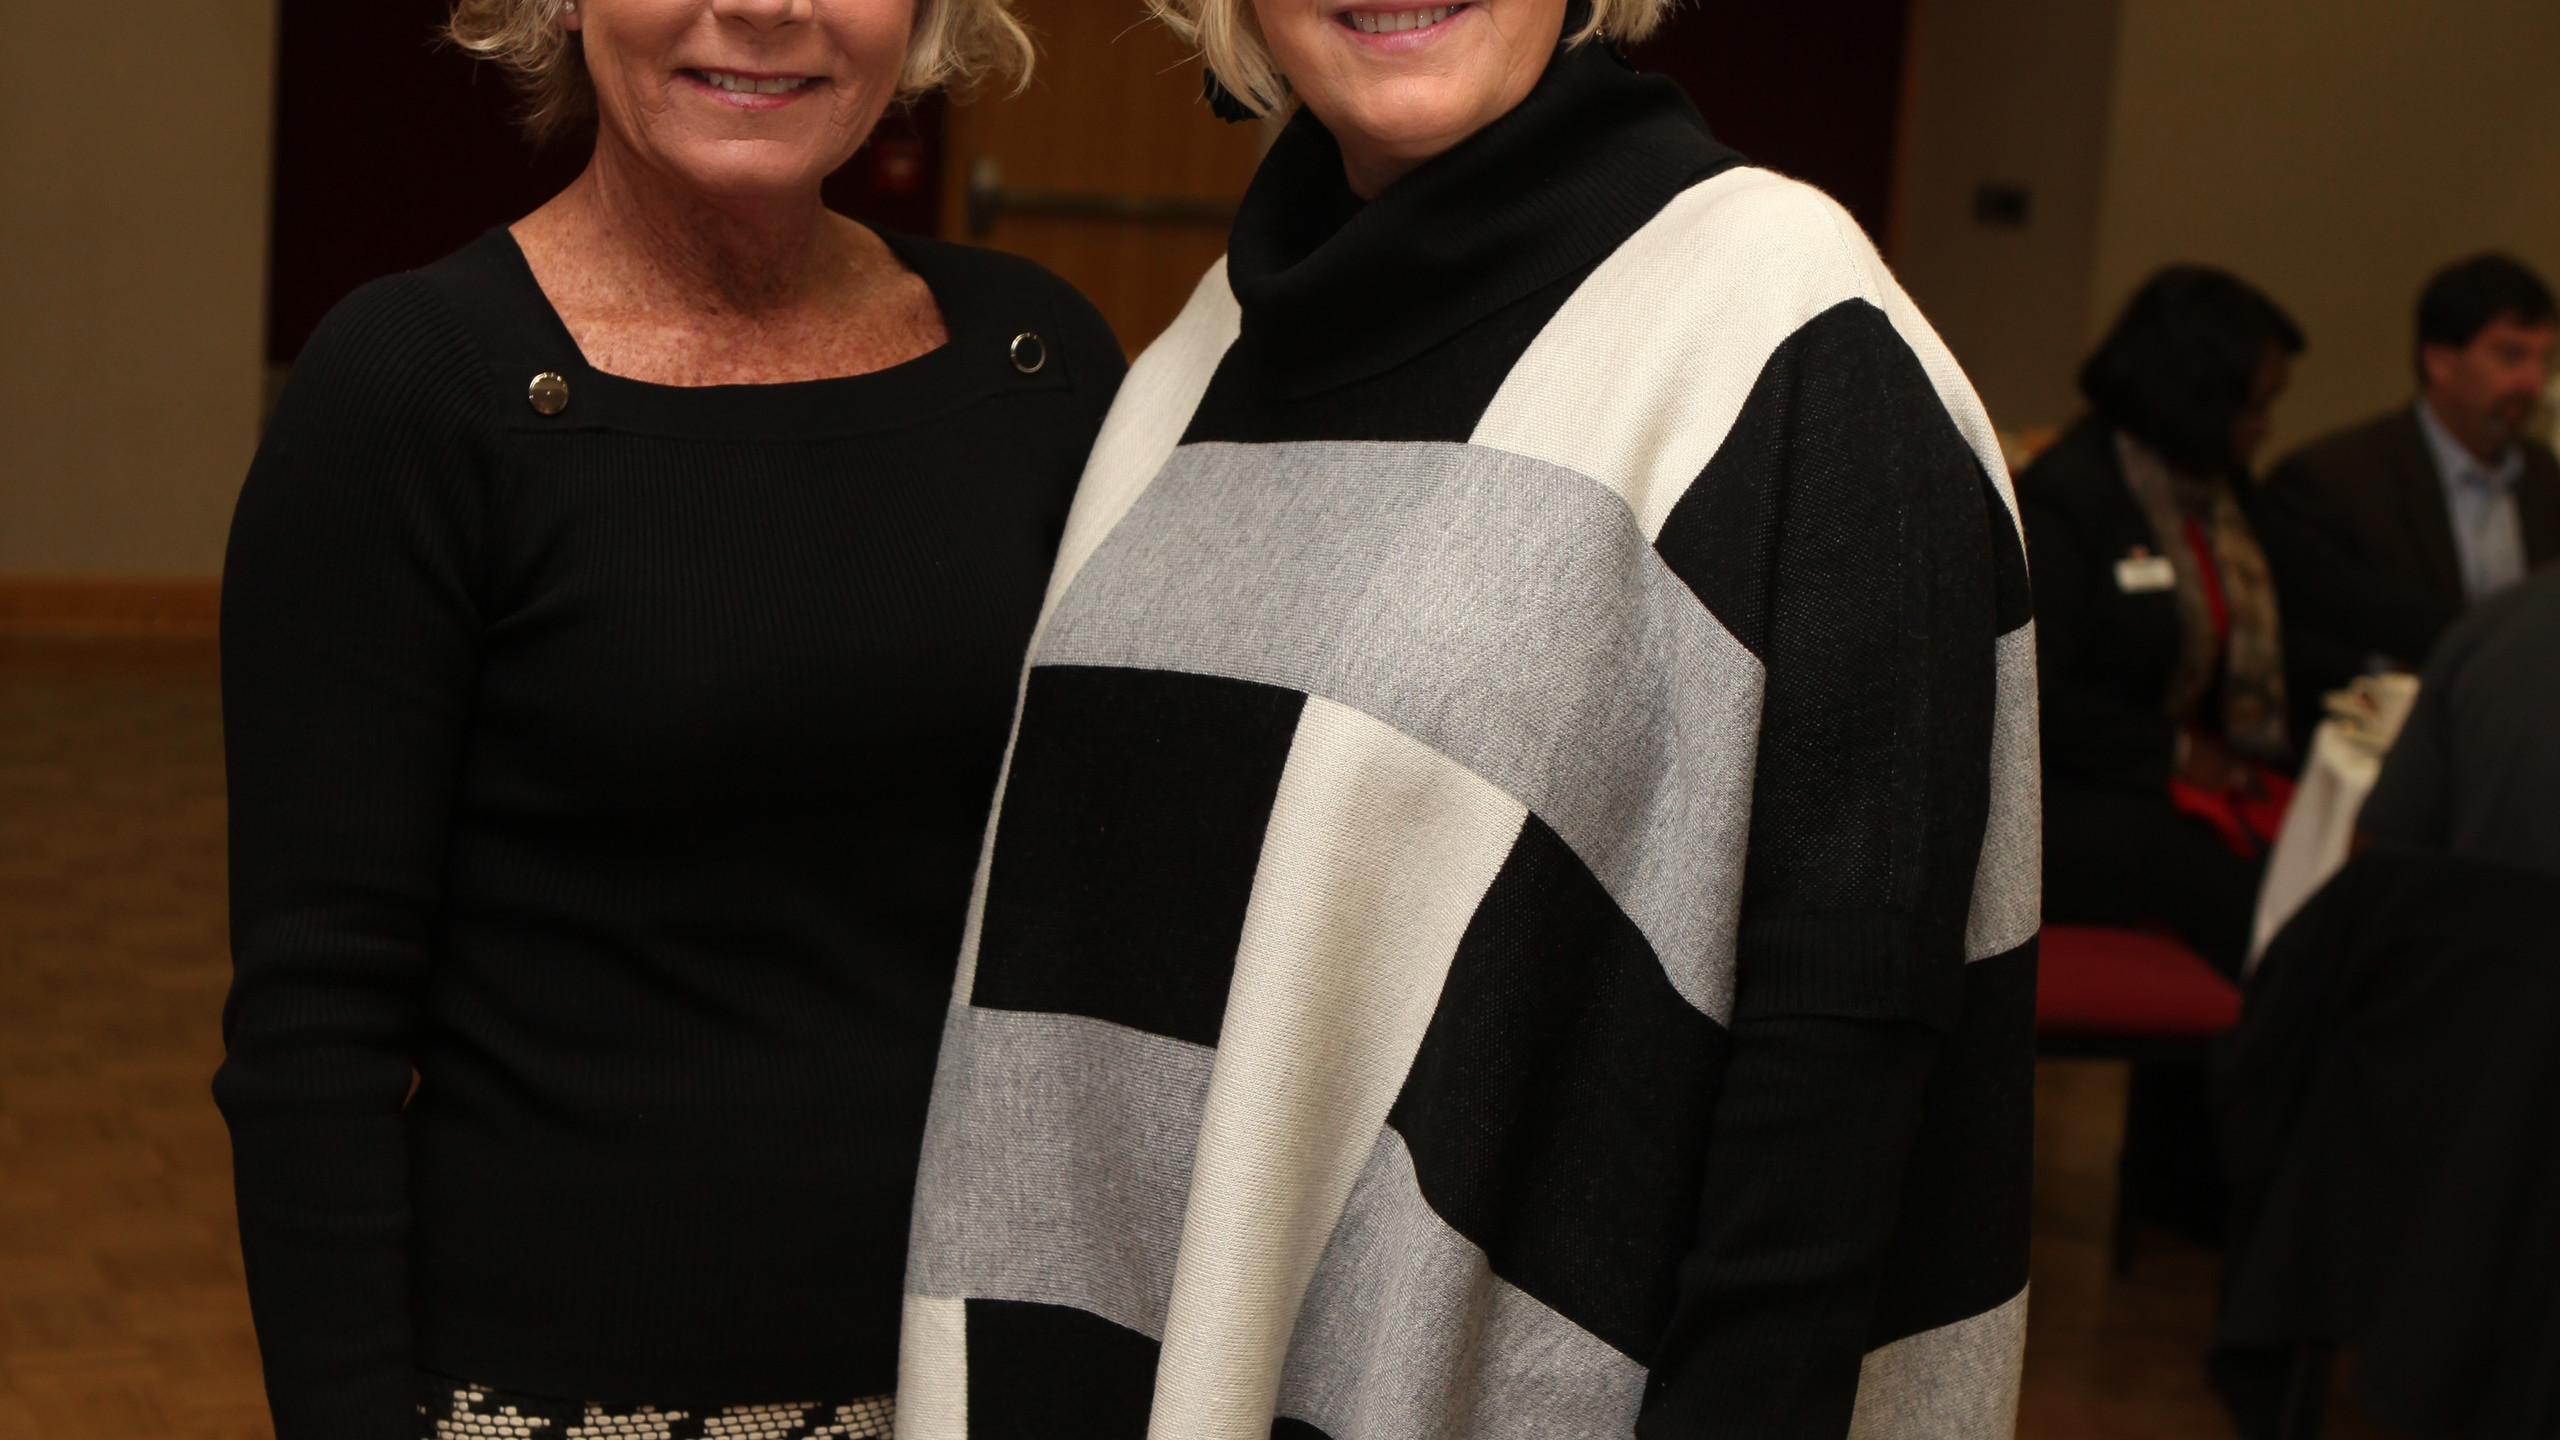 Julie Parks, Melinda Shepard